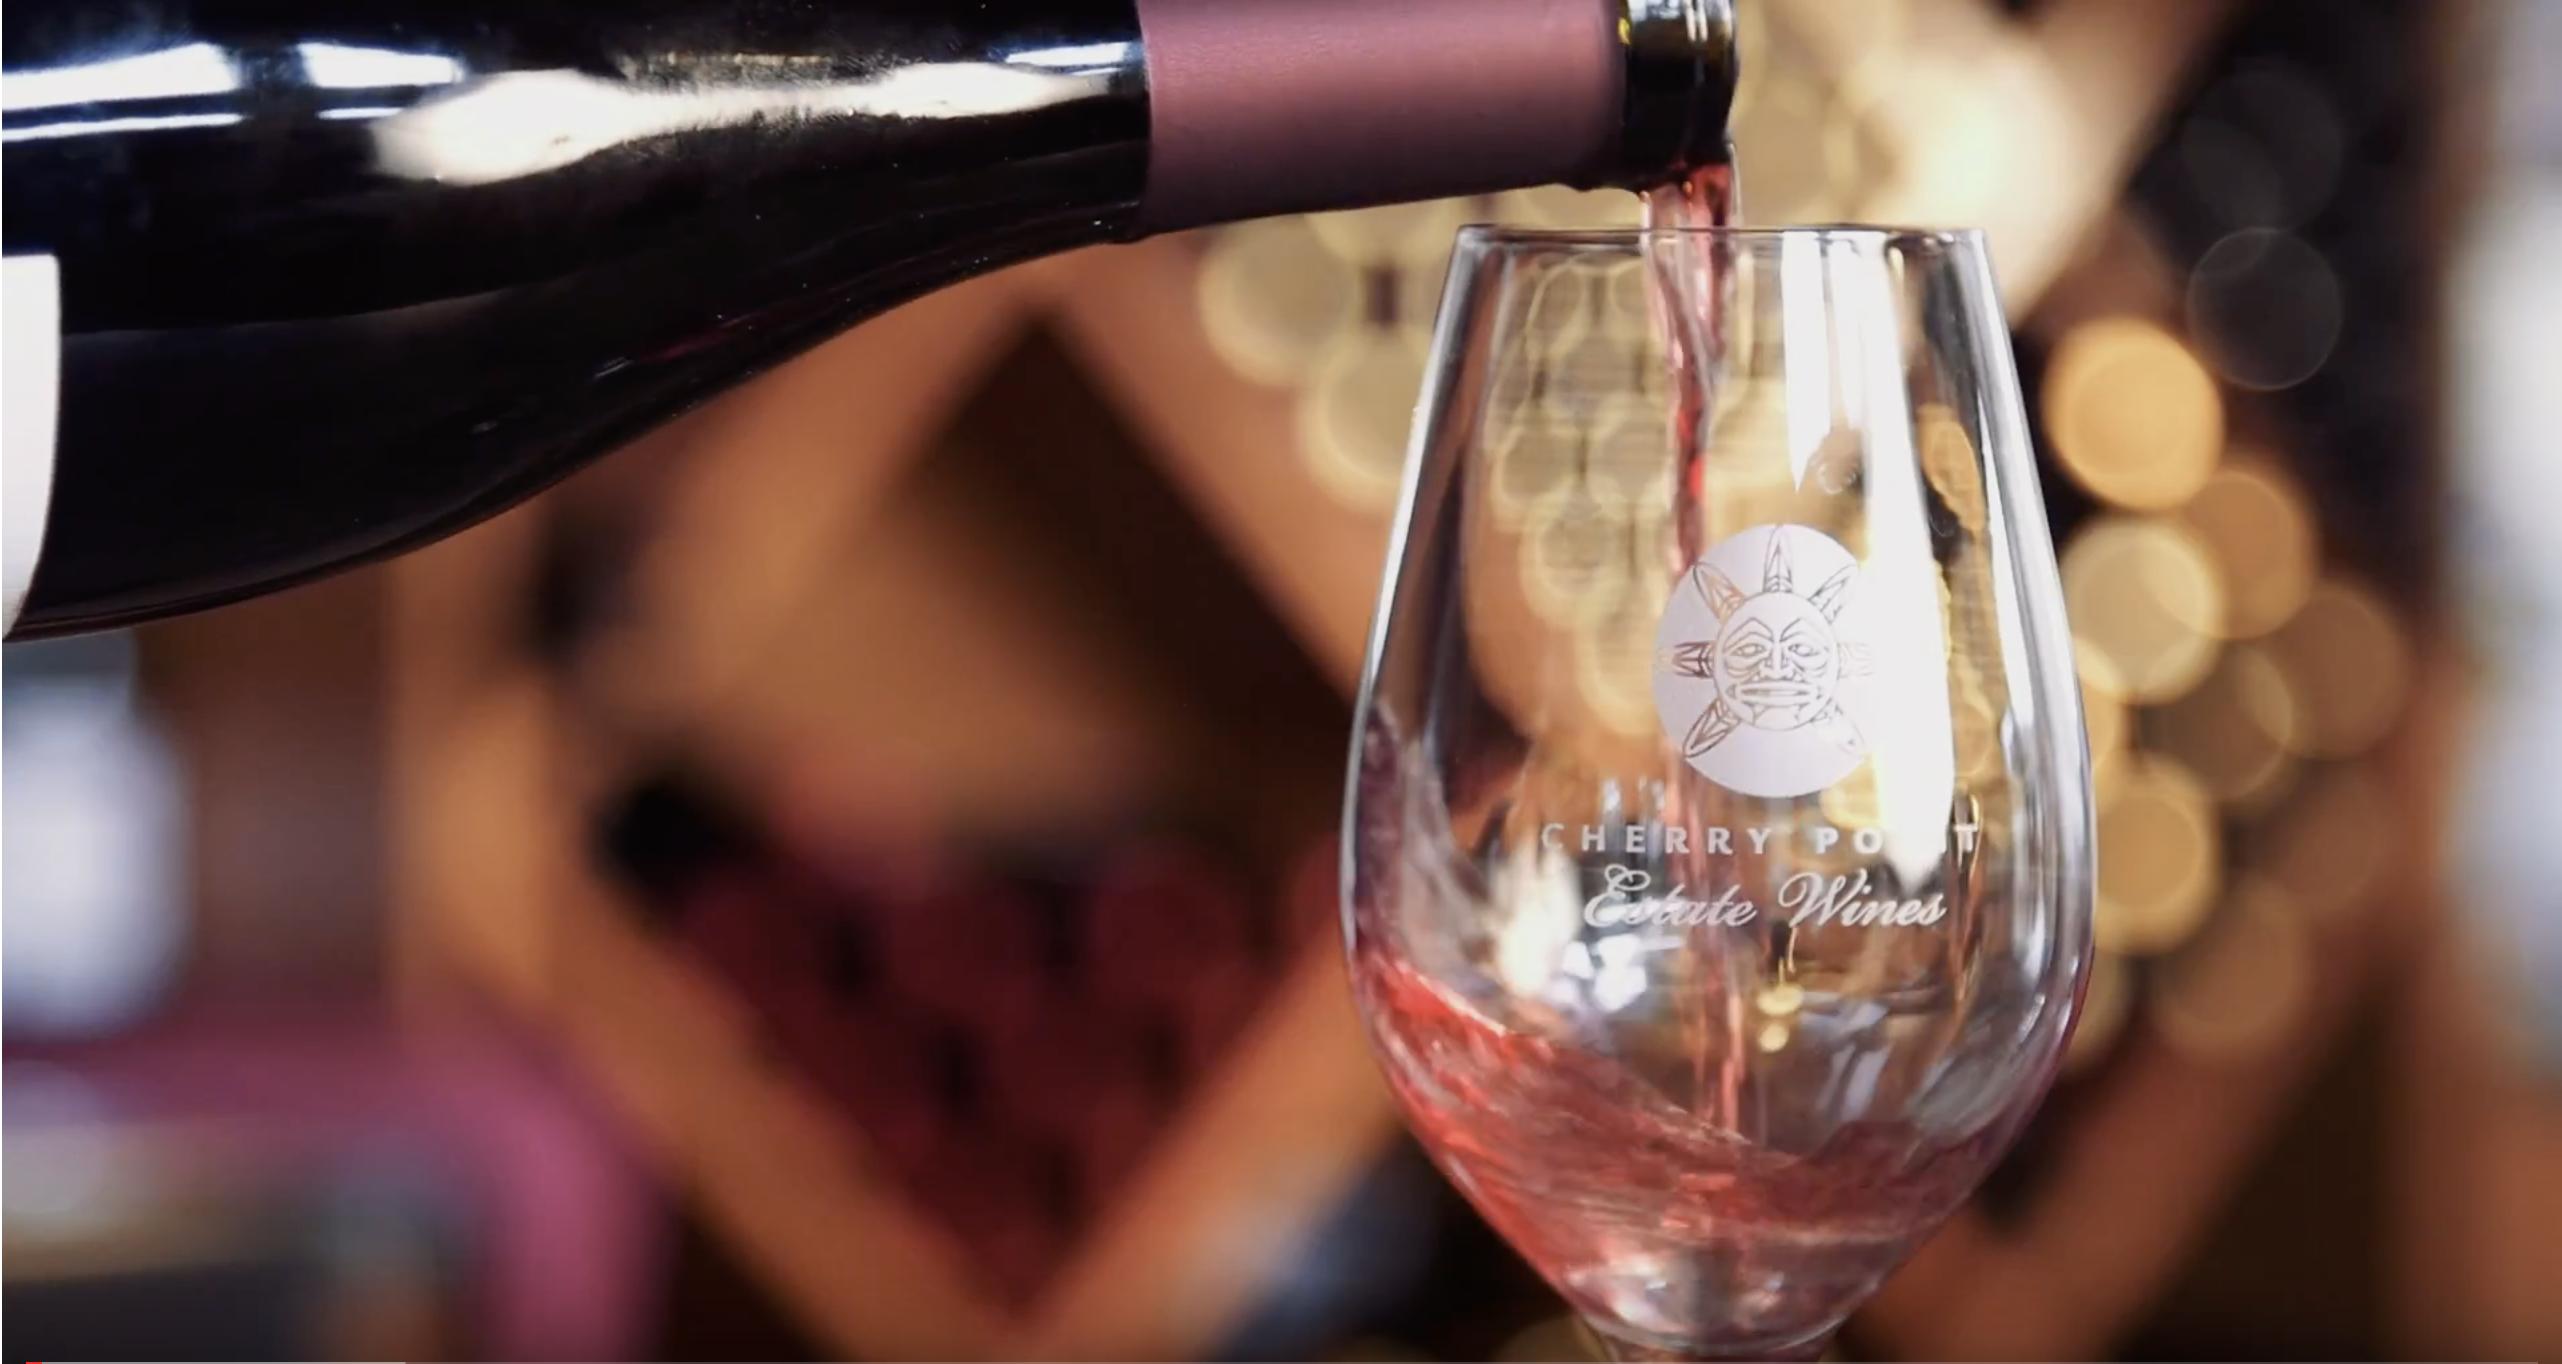 cherry point wines